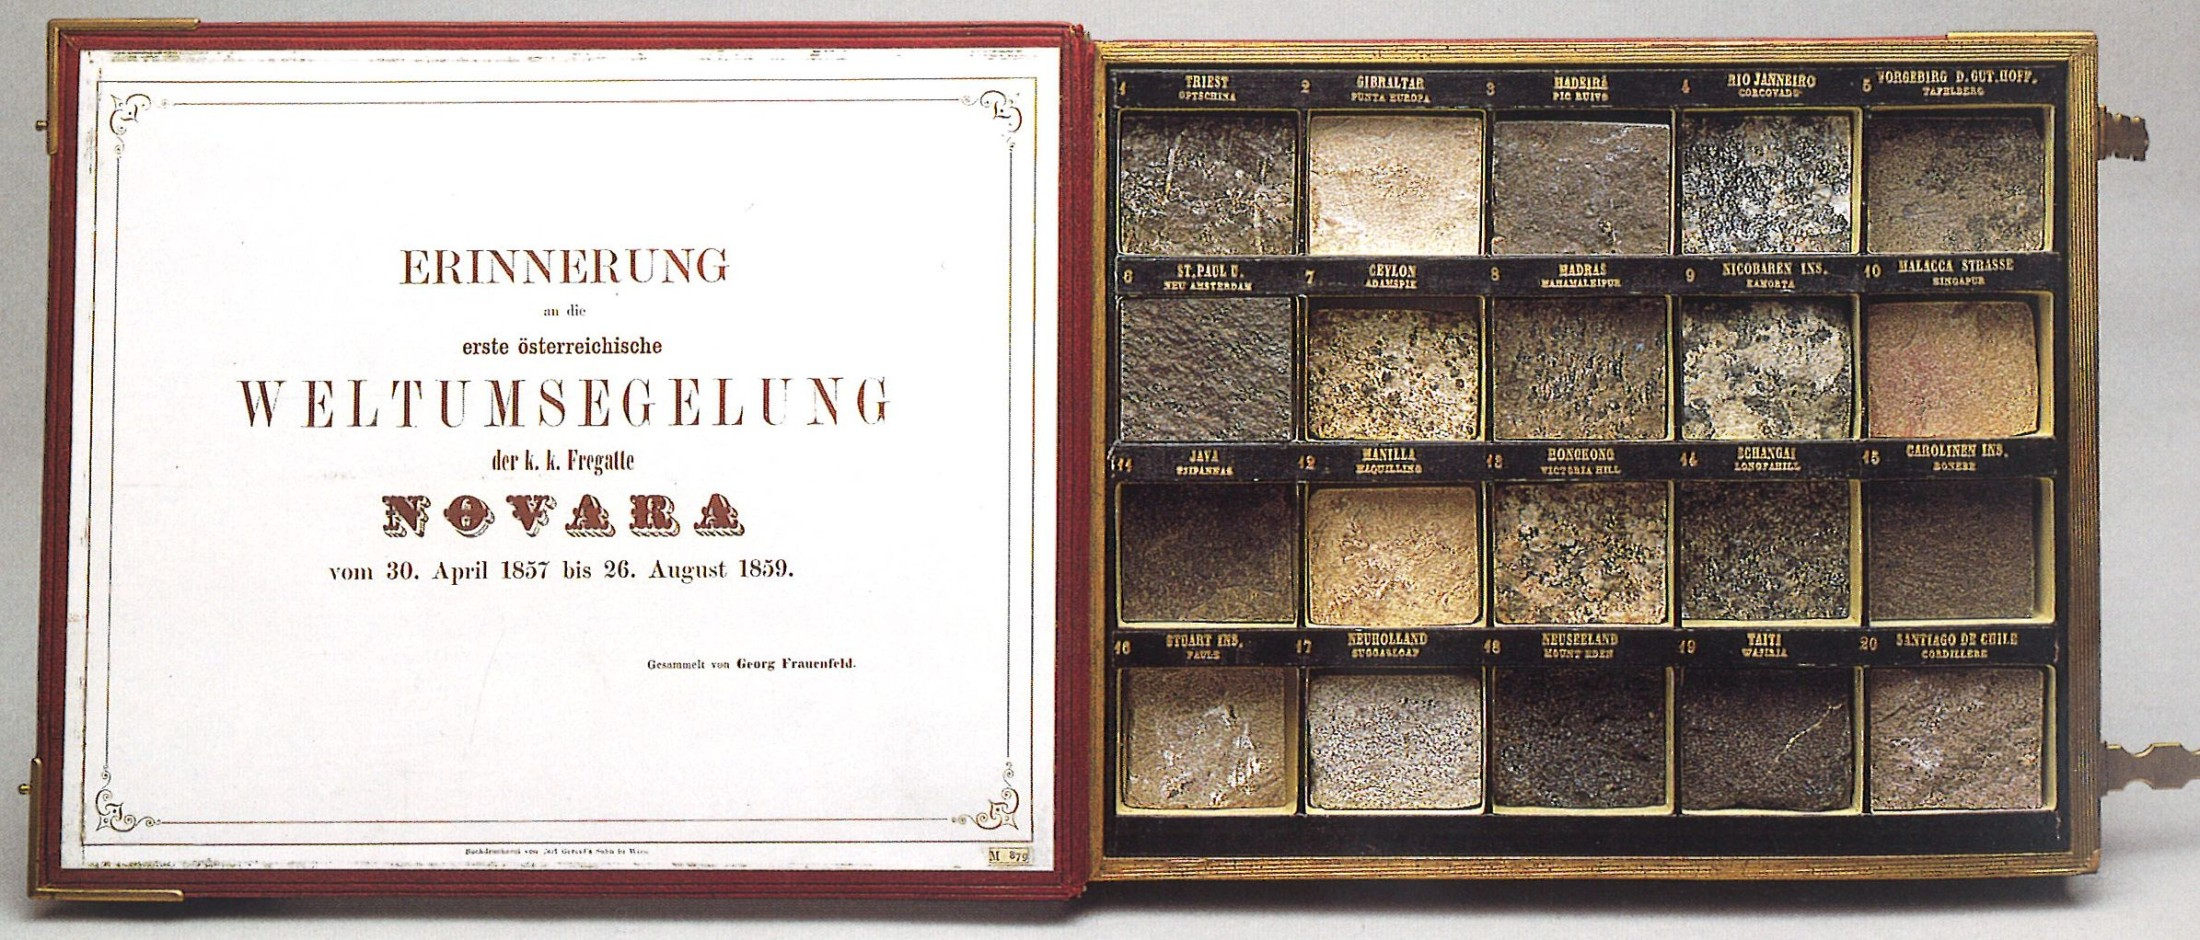 Geschenkskassette mit im Zuge der Weltumsegelung der Fregatte Novara gesammelten Gesteinsproben (© NHM Wien)